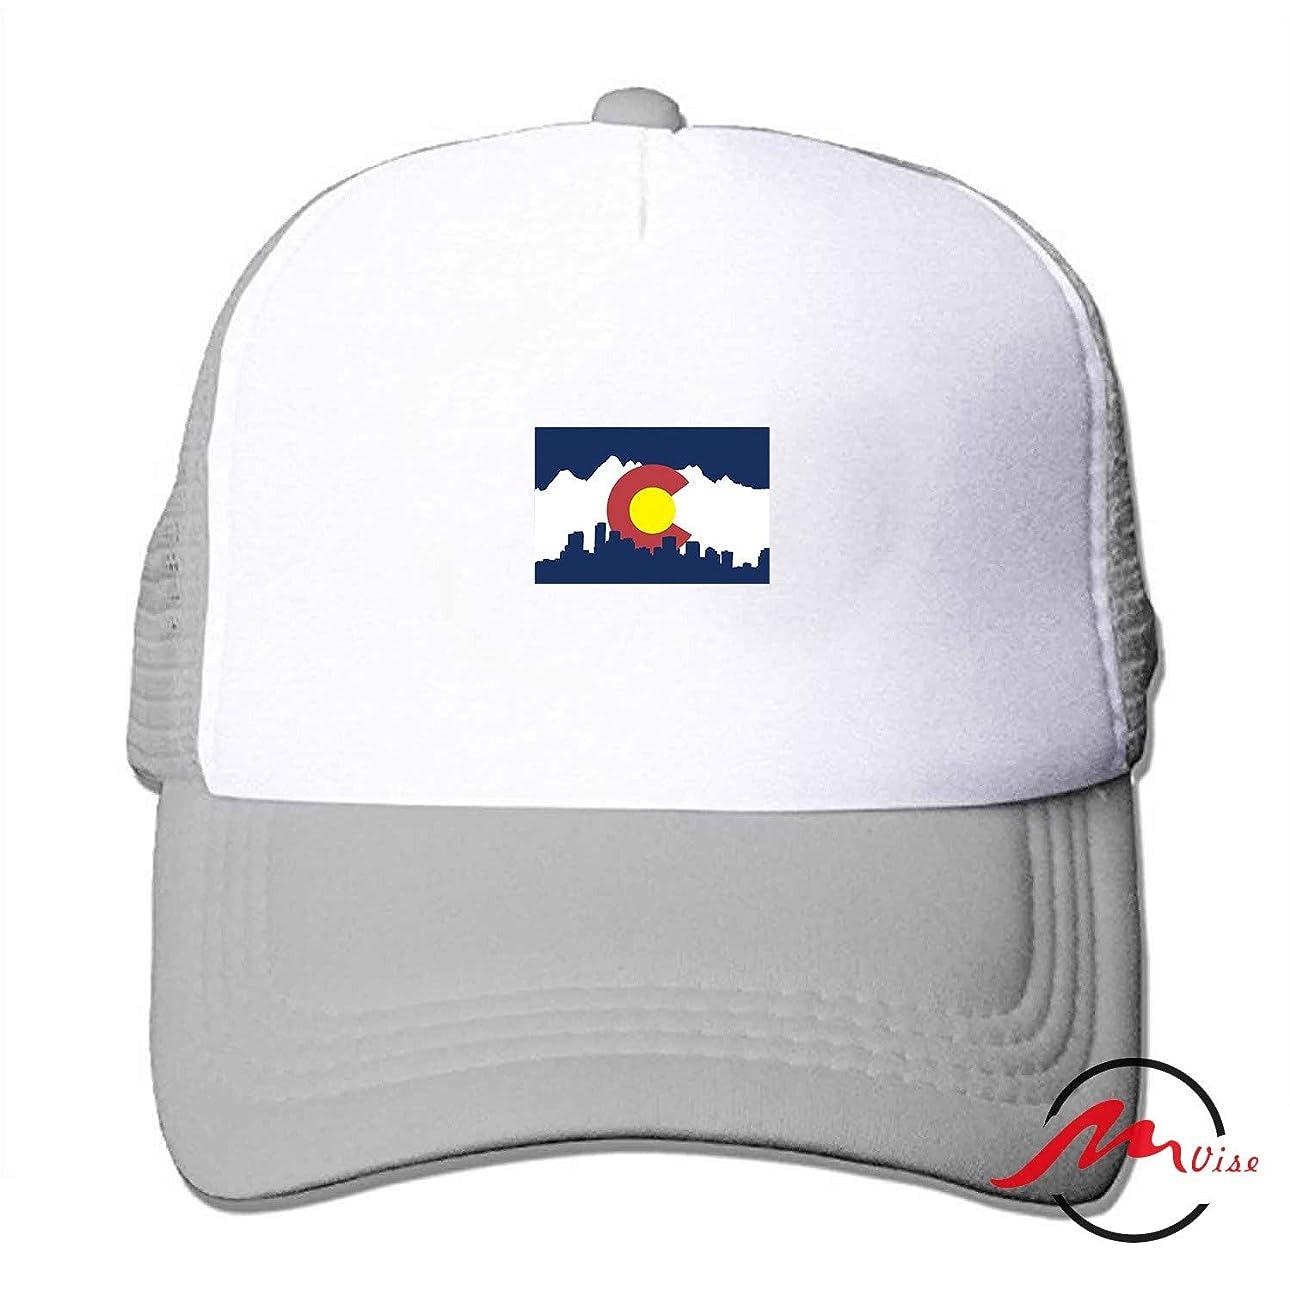 標準中級アメリカZMvise Colorado City Flag 男女兼用の十代の大人の習慣はかわいい野球帽のトラック運転手の網の帽子を印刷しました